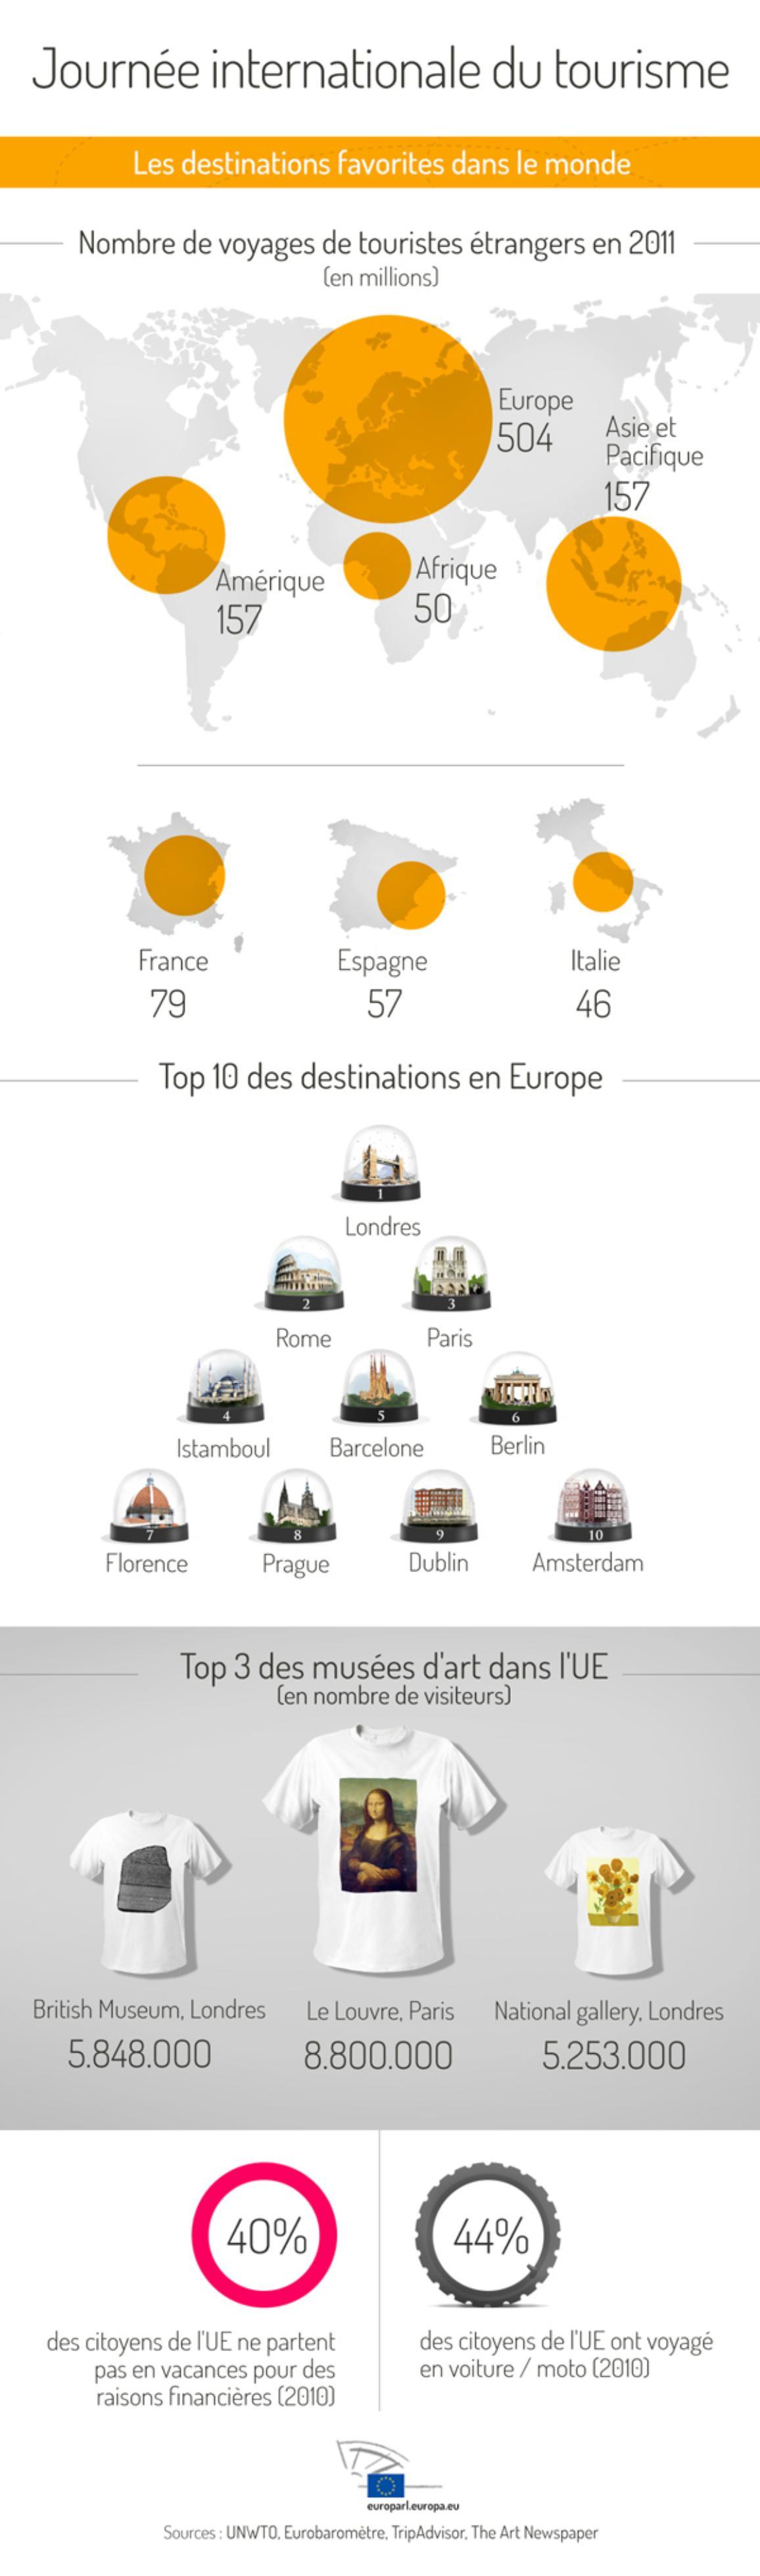 Infographie sur le tourisme dans le monde